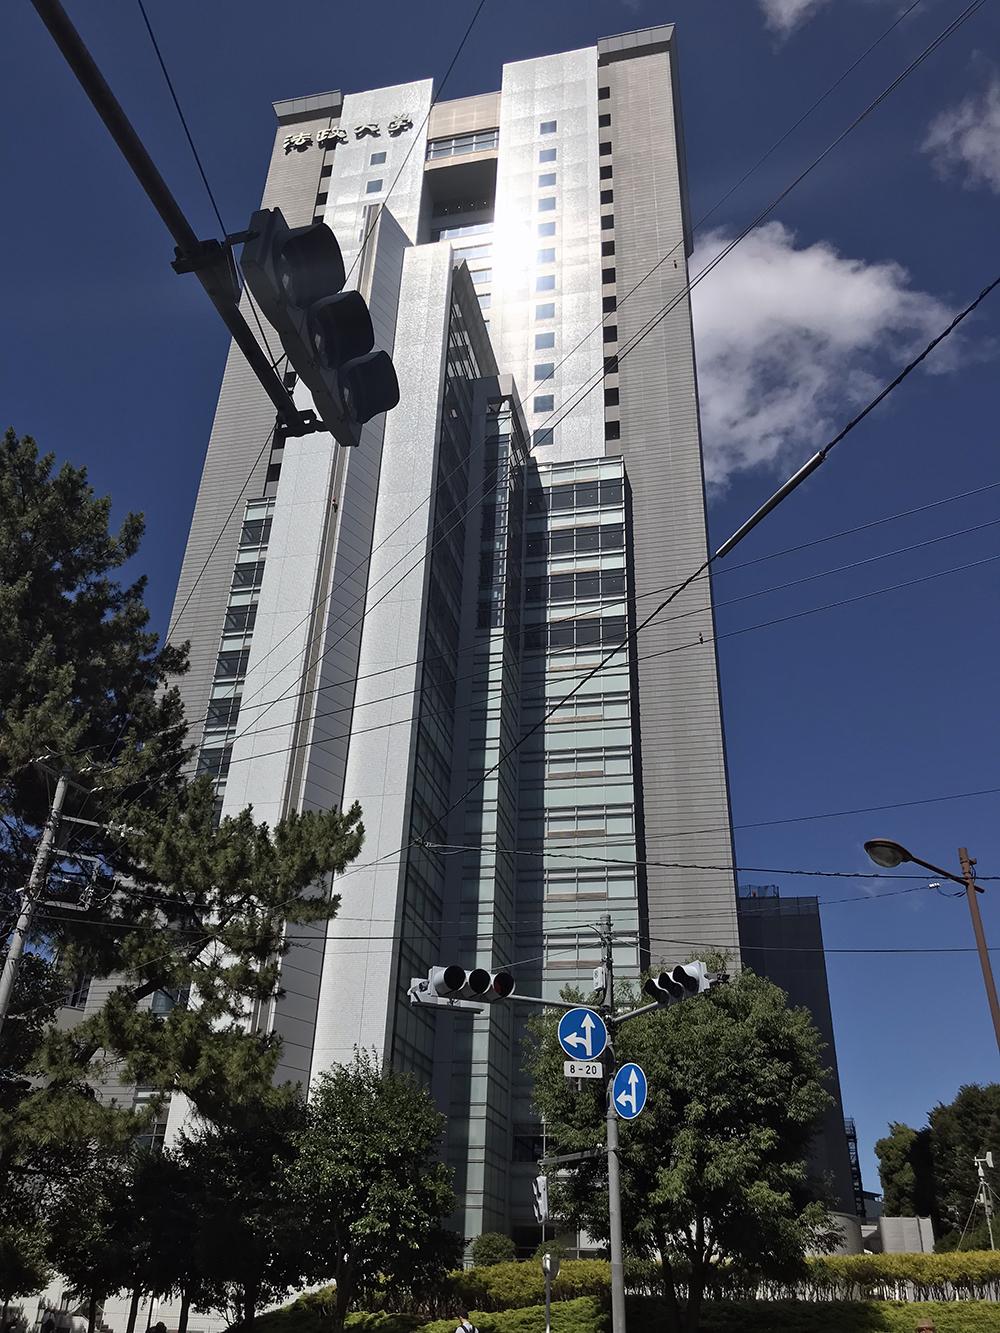 再開発されて立派になった飯田橋駅前